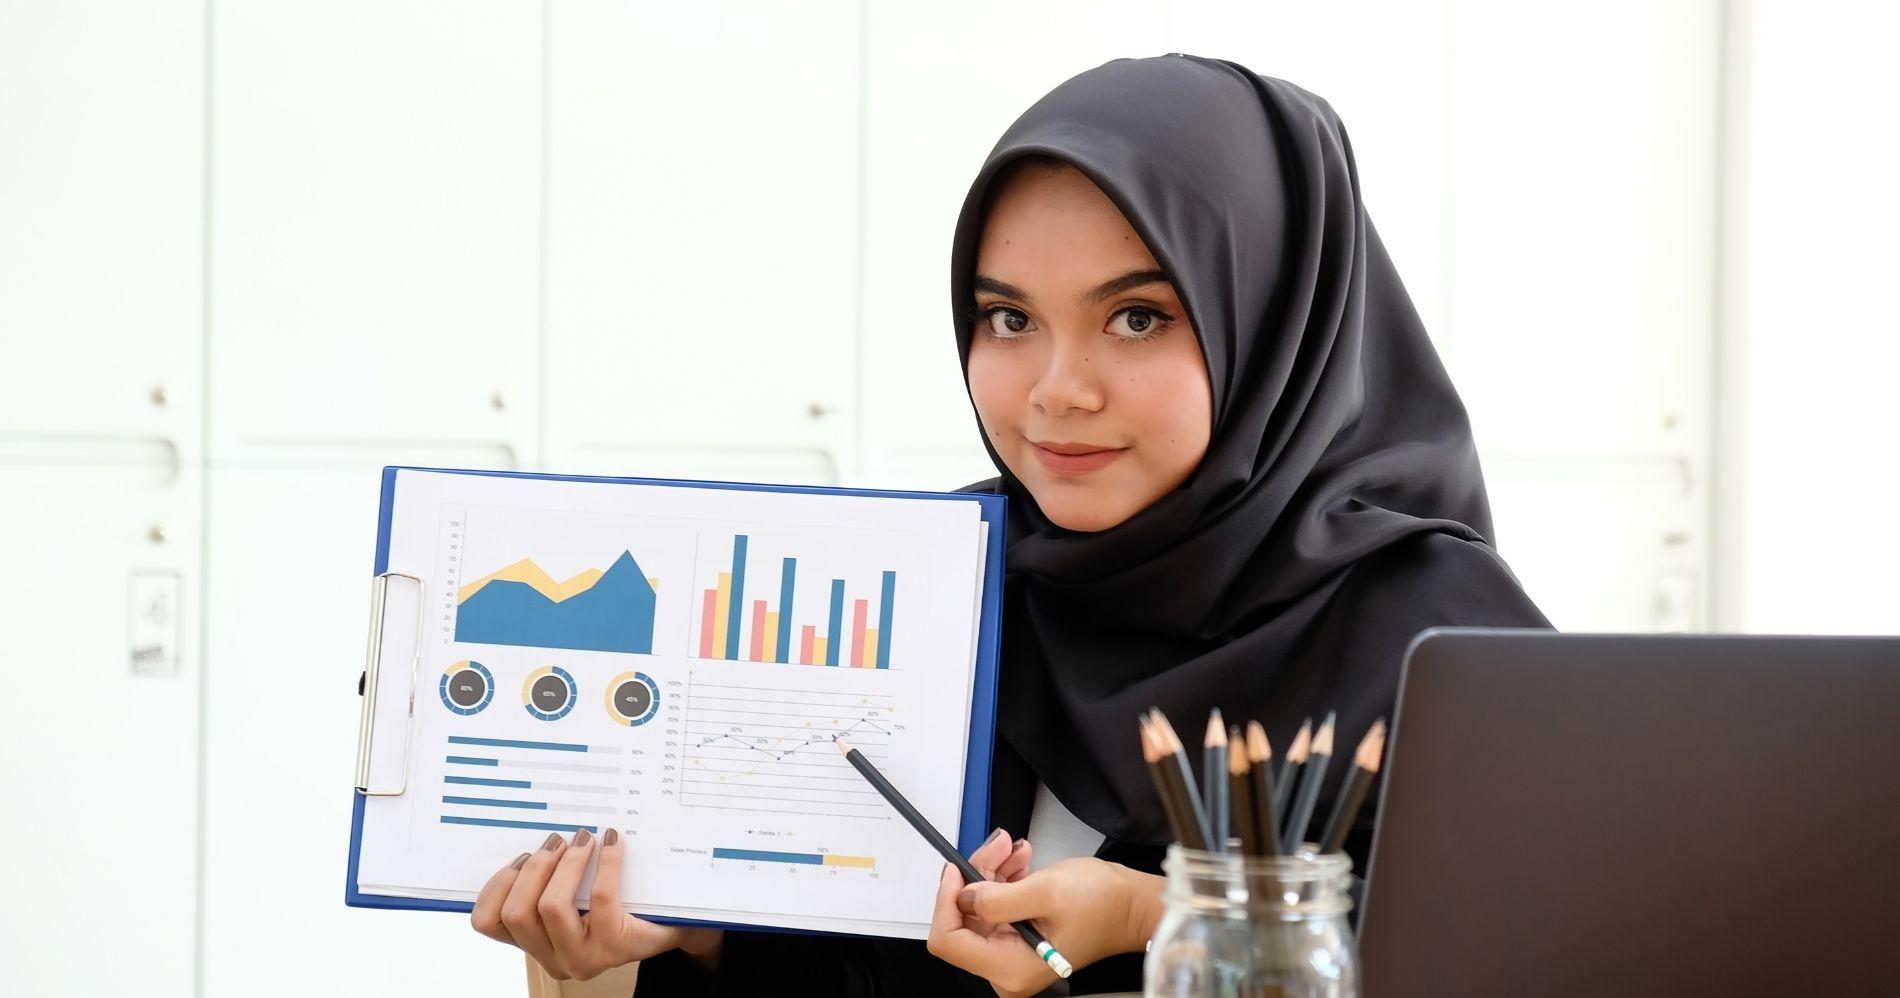 Syariah Bank Illustration - Canva